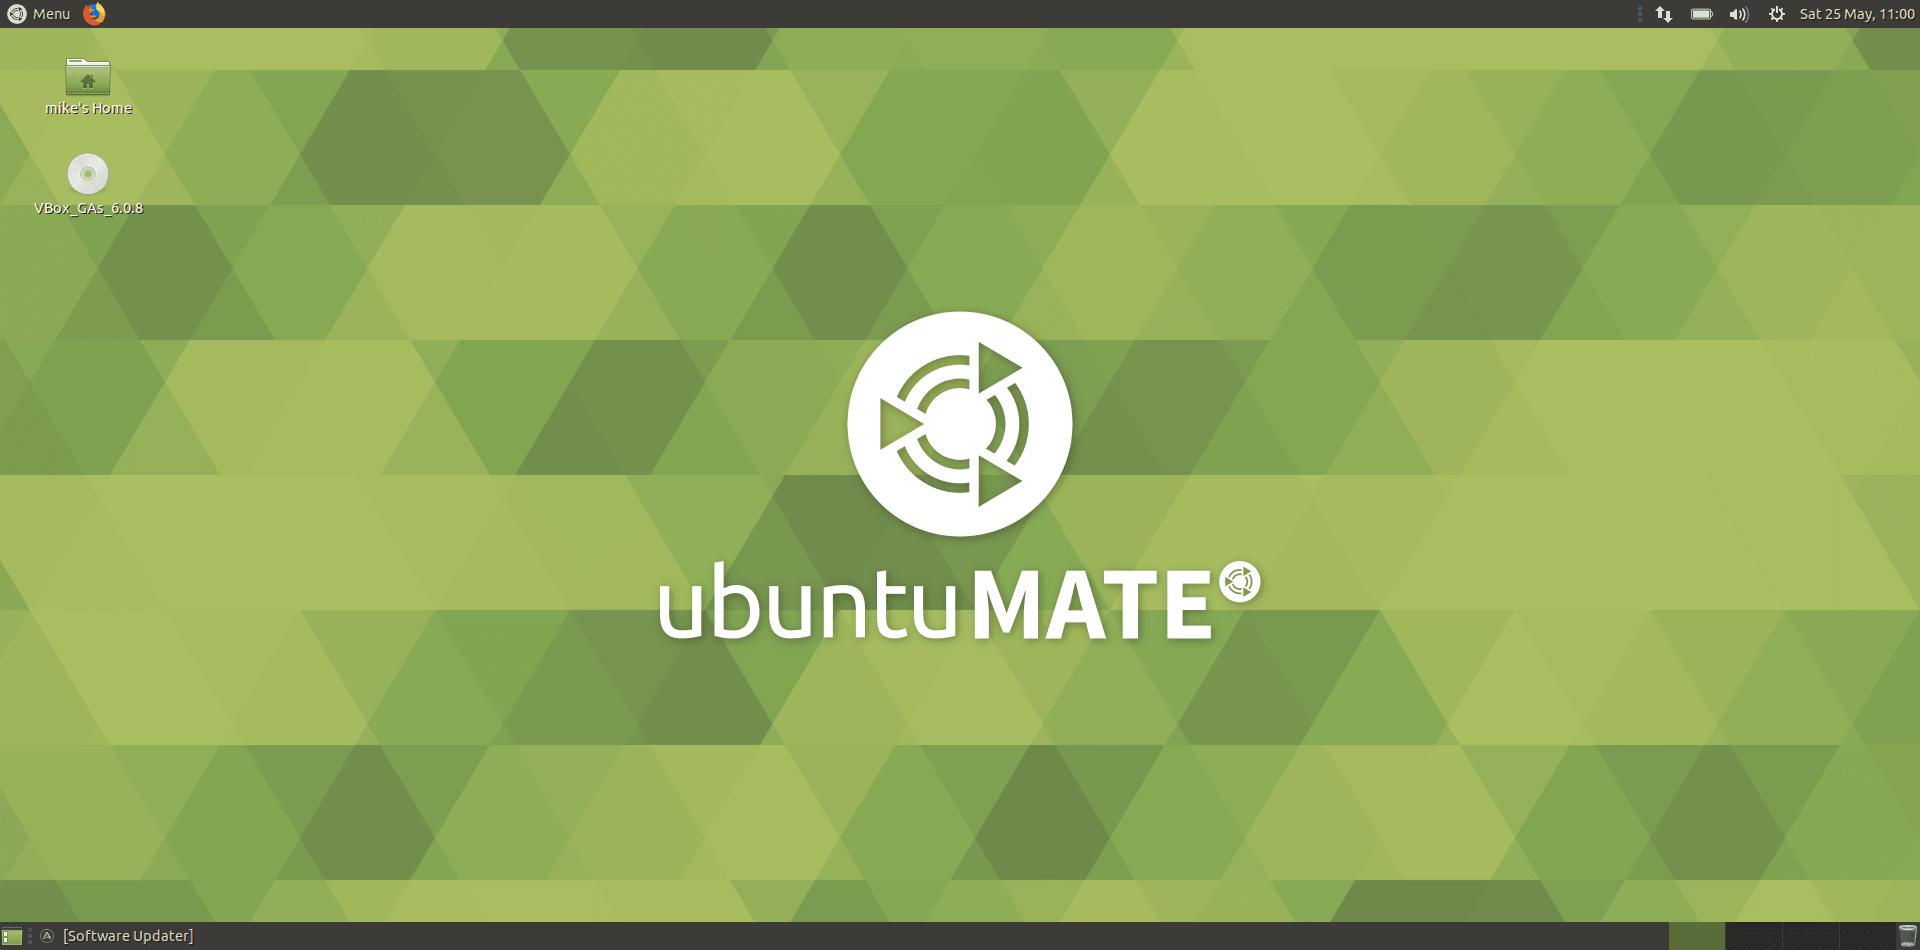 Ubuntu MATE Review